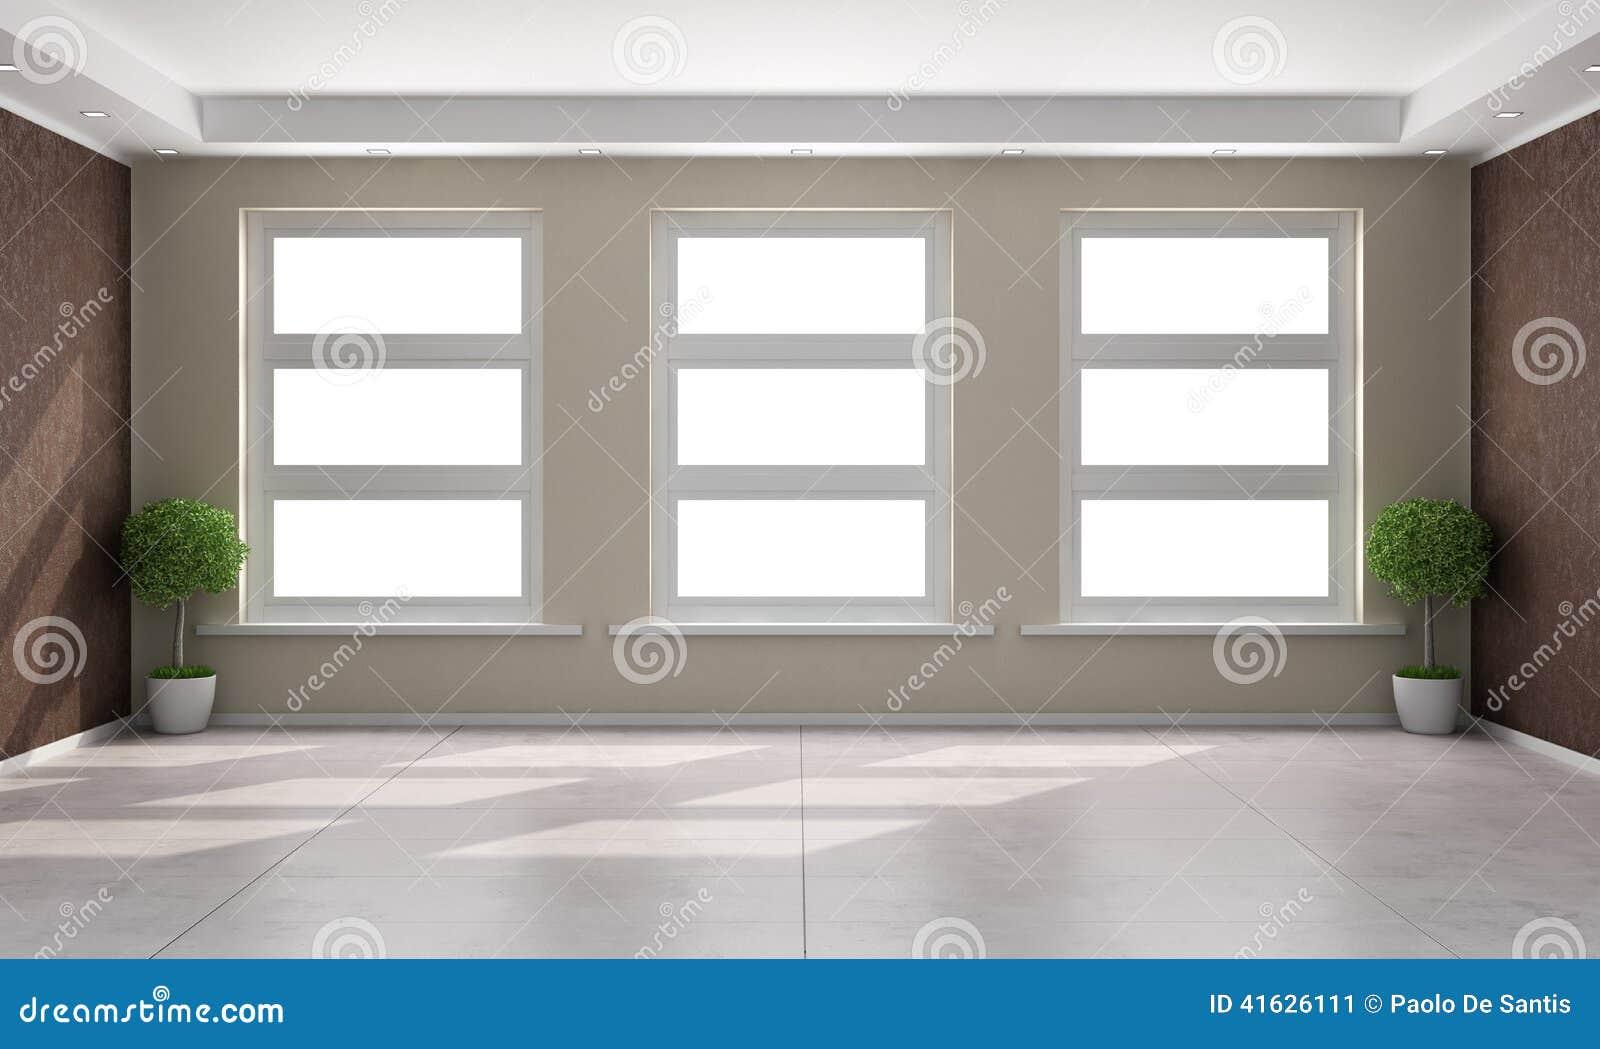 Download Beige Und Braunes Wohnzimmer Stock Abbildung   Illustration Von  Wand, Braun: 41626111